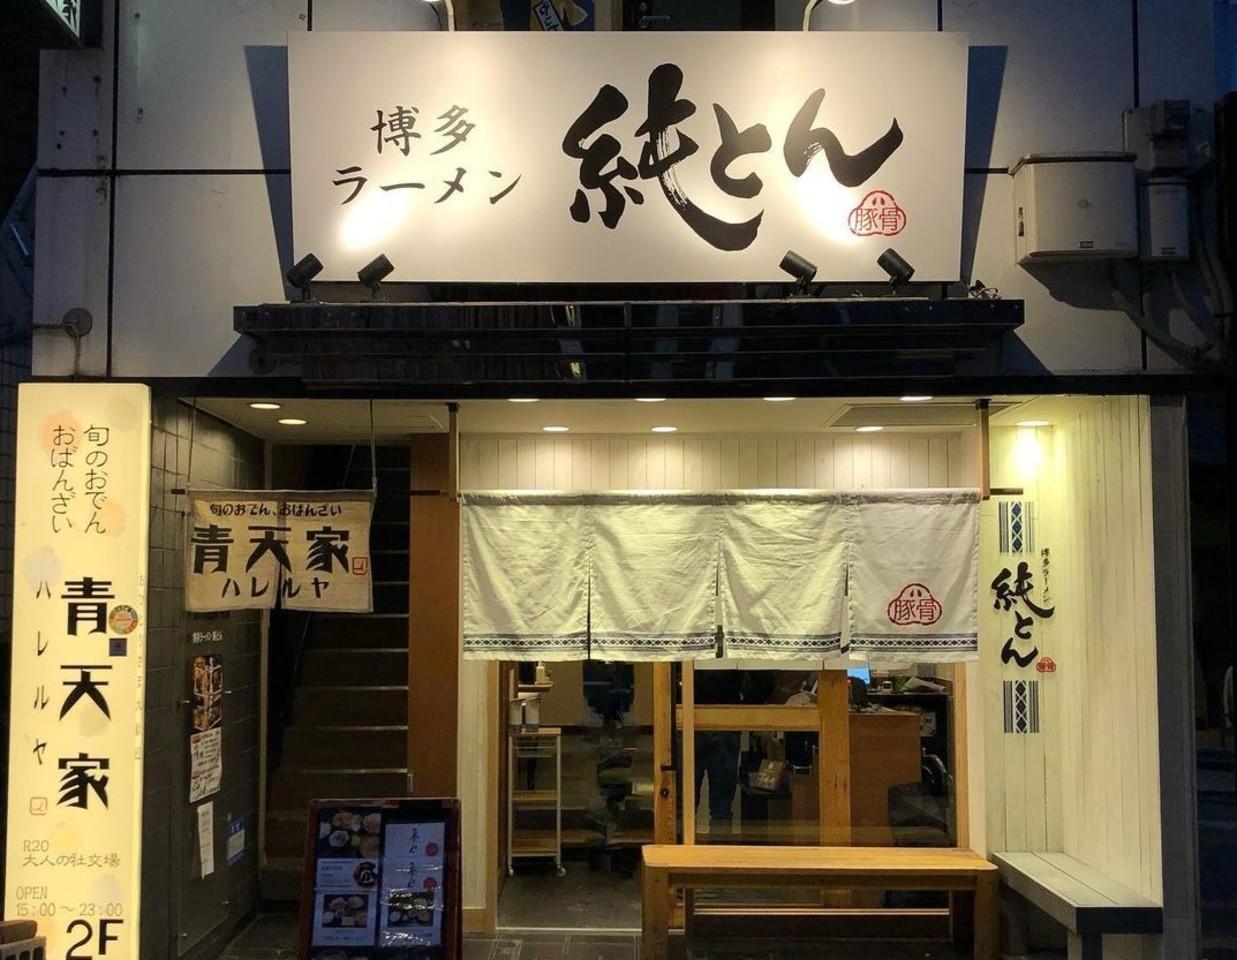 京都の烏丸駅近くに「博多ラーメン 純とん 錦小路店」が12/18オープンされたようです。